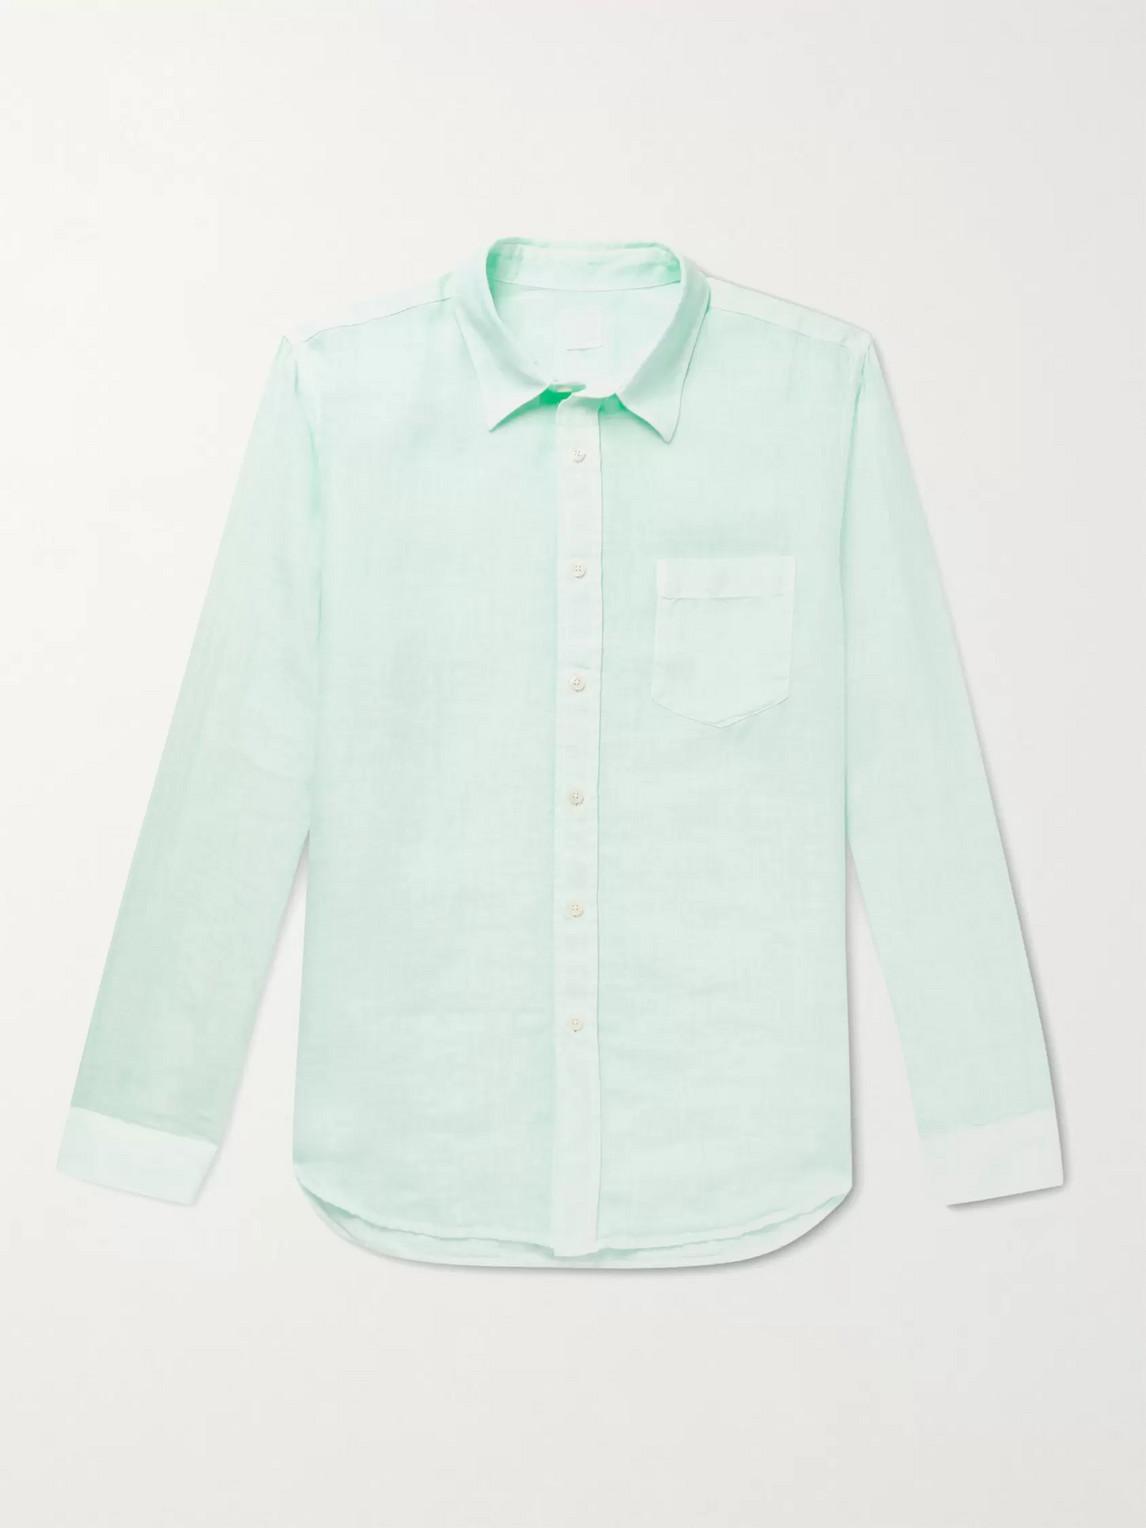 120% Linen Shirt In Green